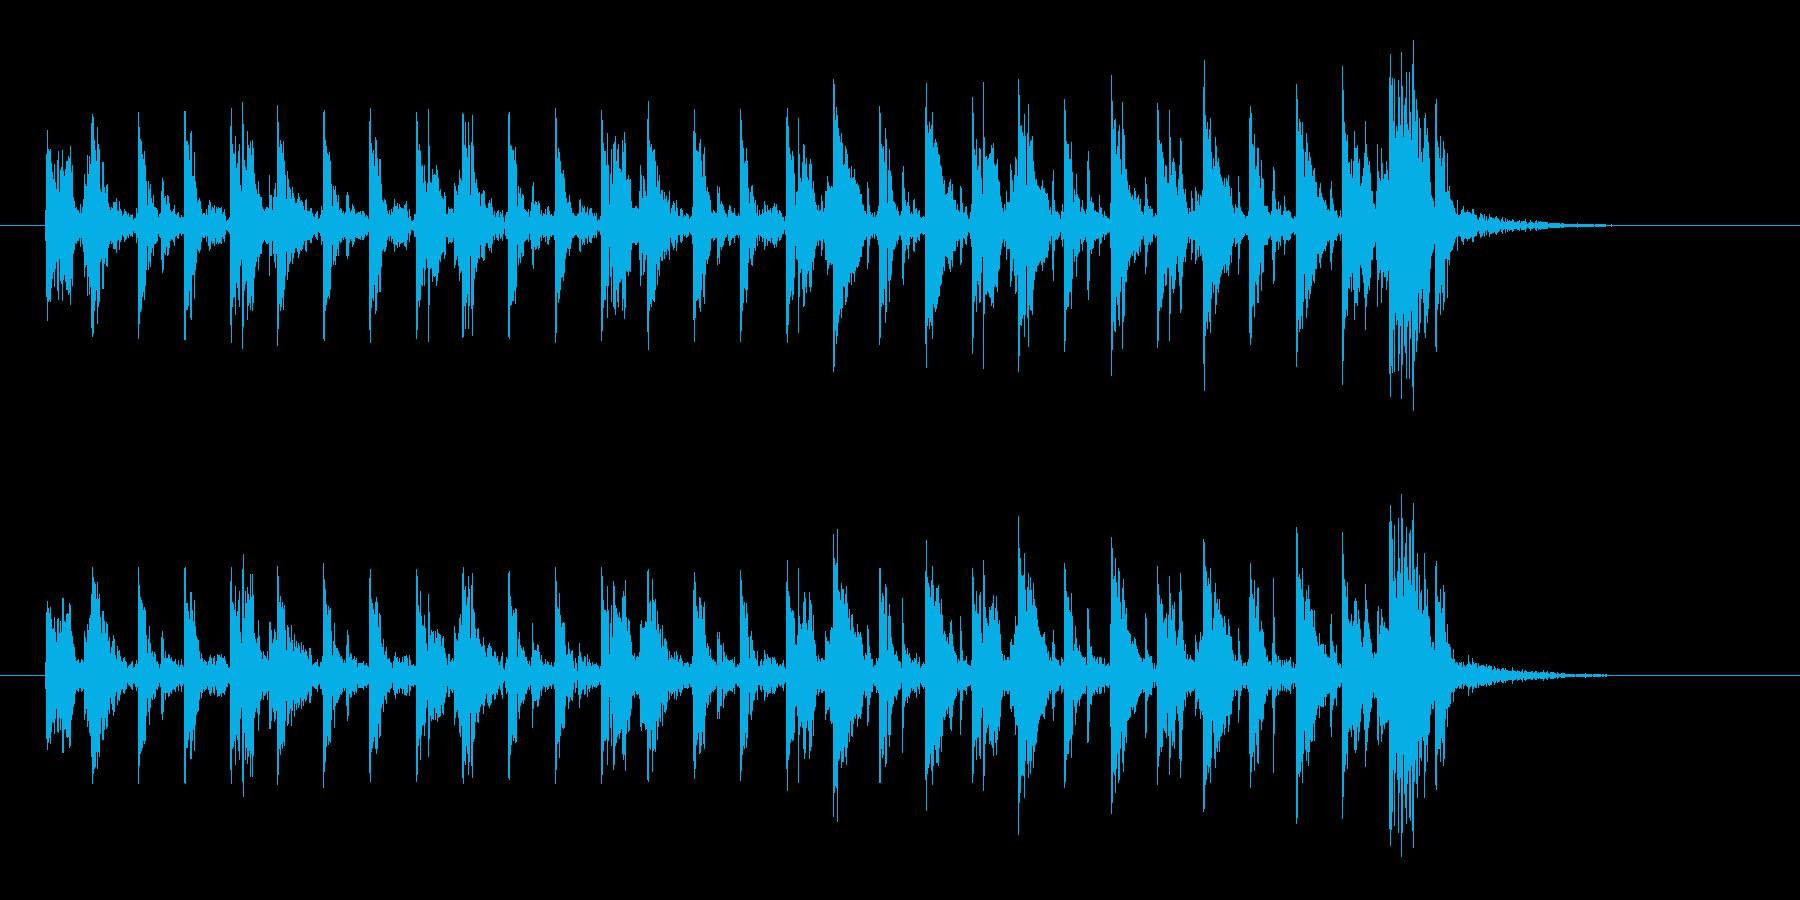 アップテンポな不思議な音楽の再生済みの波形